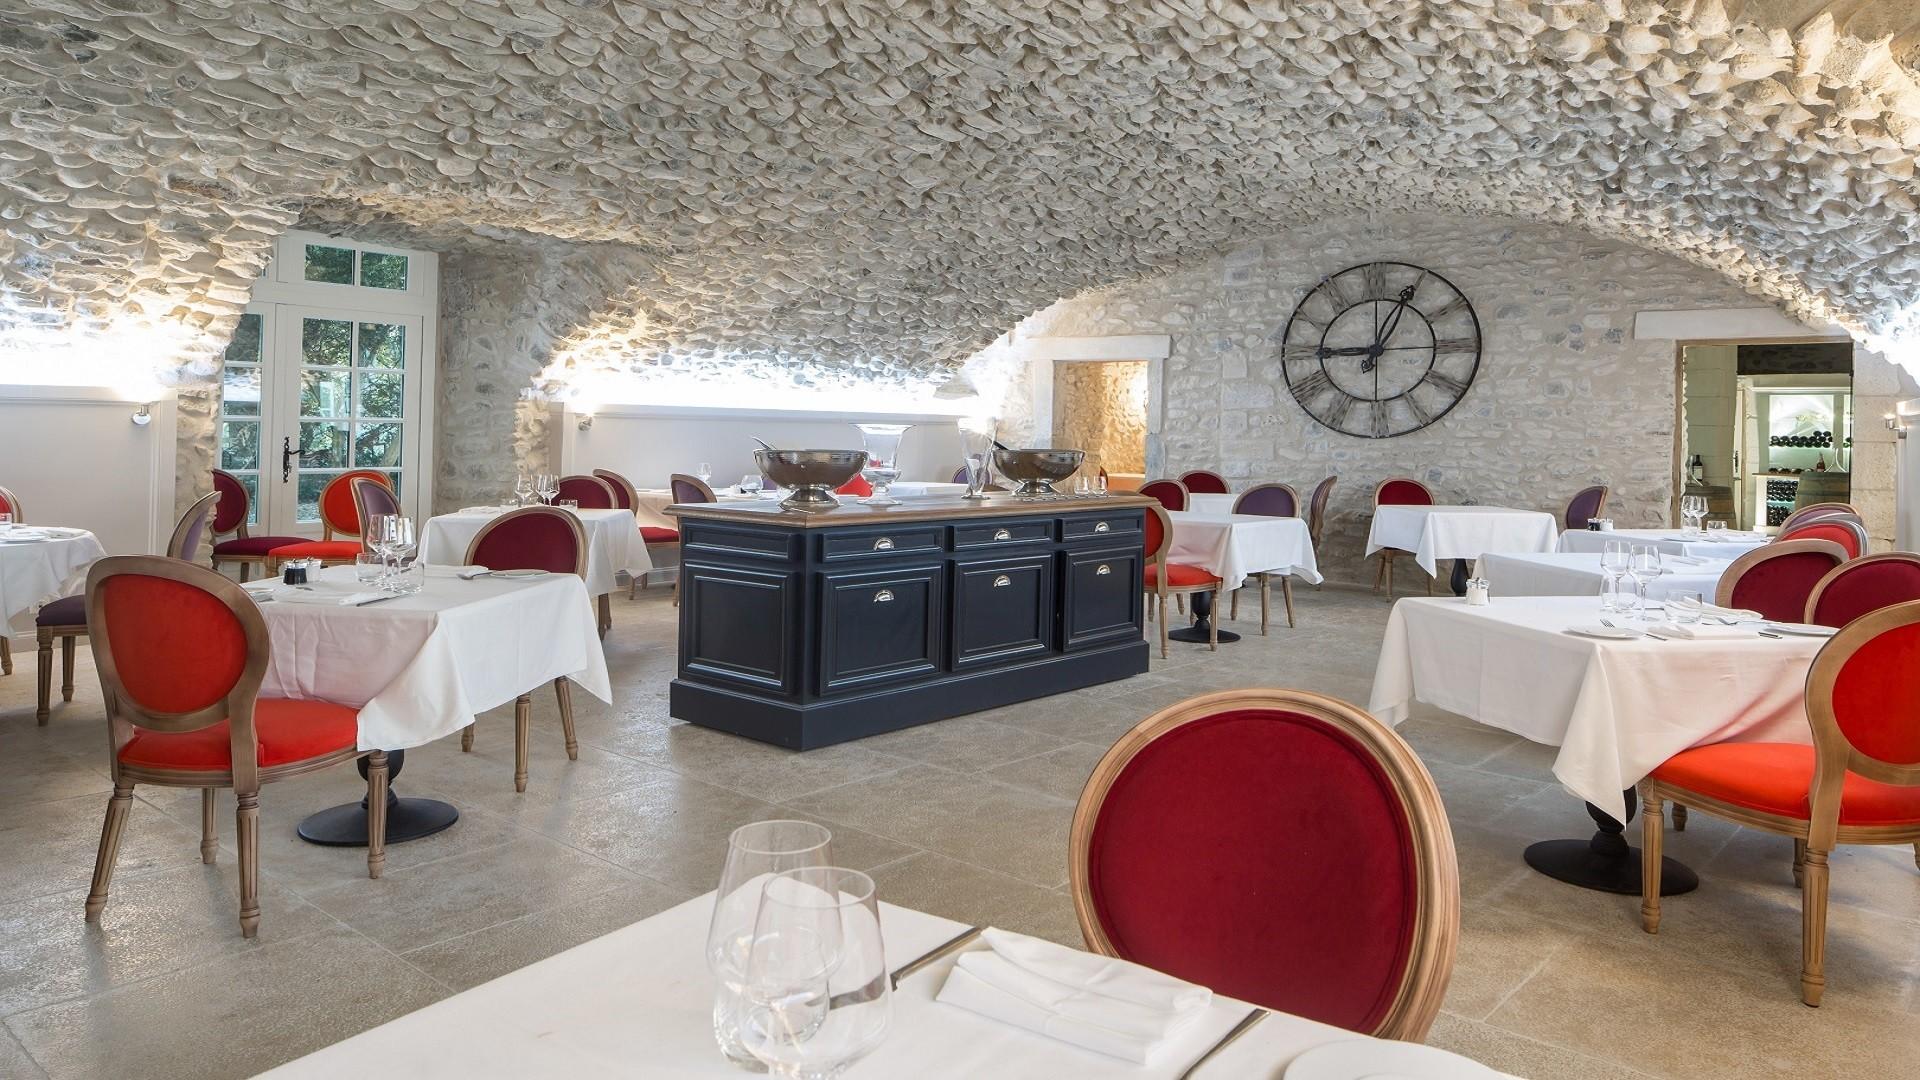 chateau-les-oliviers-de-salettes-drome-seminaires-de-caractere-restaurant